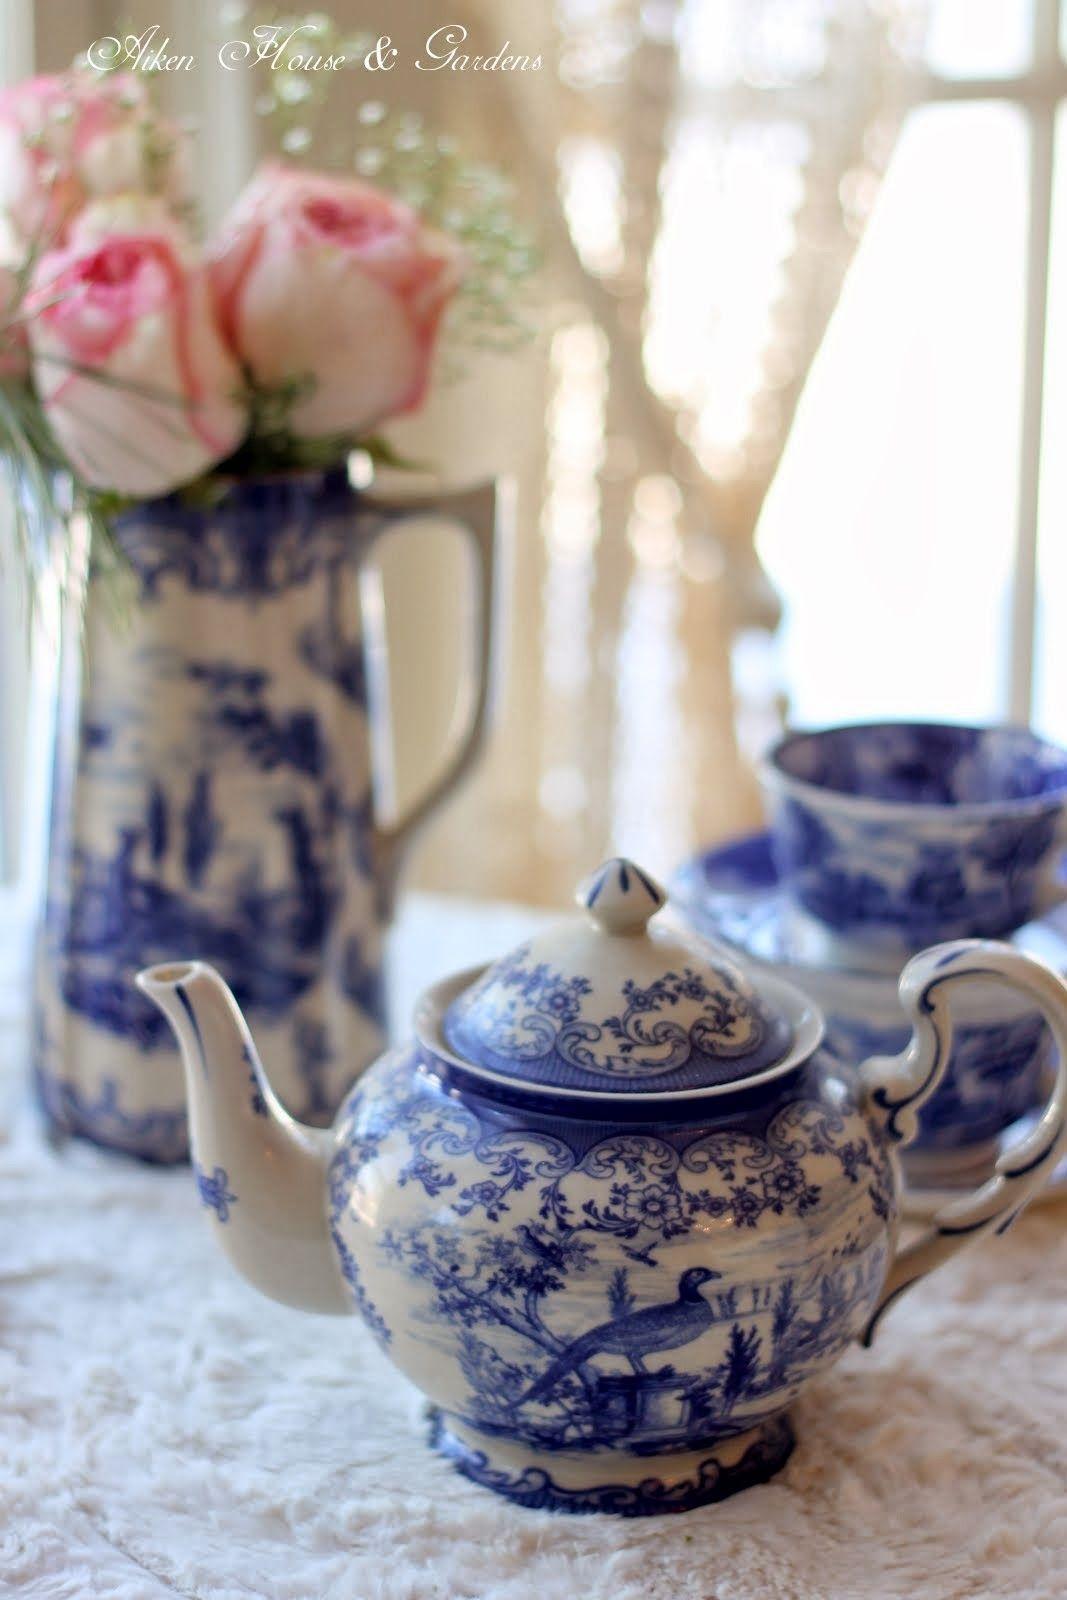 Blue white transferware winter tea aiken house gardens azul y blanco porcelana azul - Vajilla rustica ...